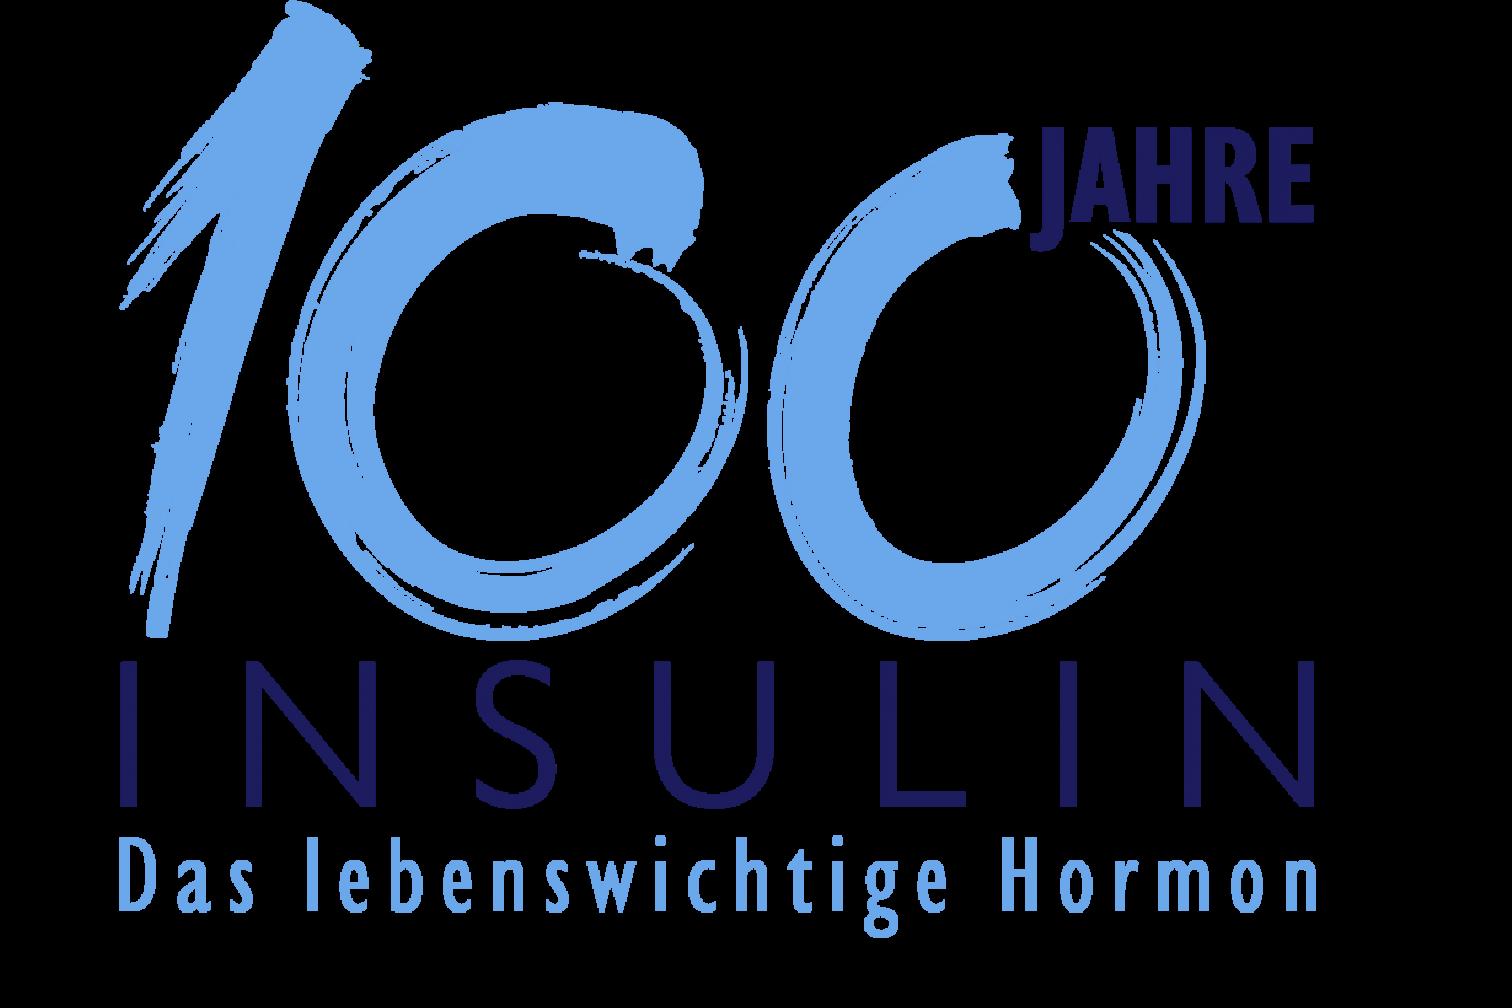 Logo 100 Jahre Insulin mit Claim